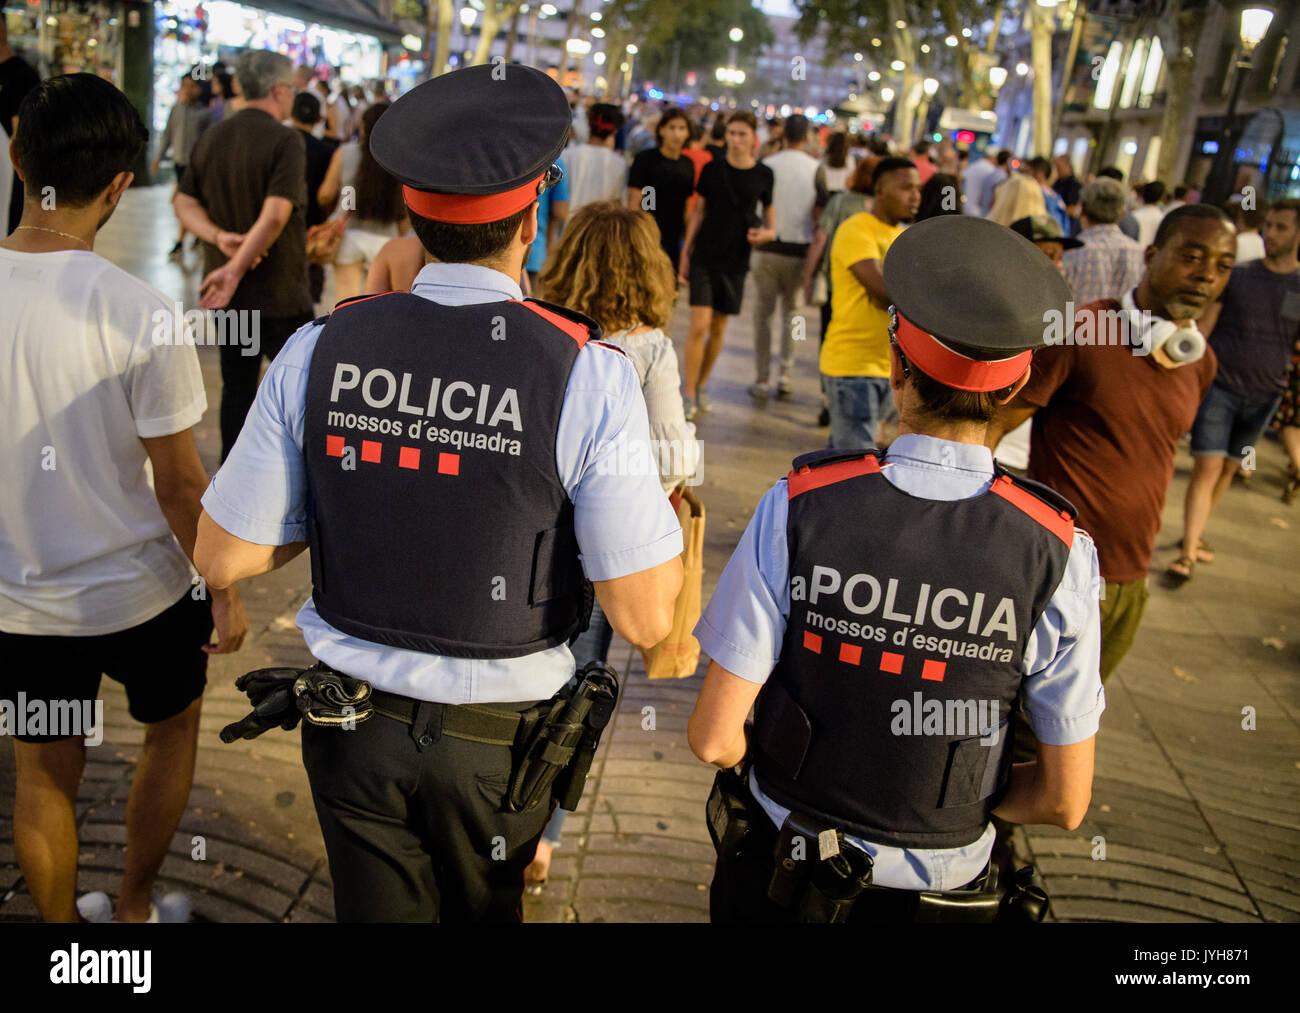 Barcelona, España. 19 Aug, 2017. La policía patrulla las Ramblas en Barcelona, España, 19 de agosto de 2017. Varias personas murieron y otros resultaron heridos en un ataque terrorista en la popular calle de Las Ramblas en Barcelona el 17 de agosto de 2017. Foto: Matthias Baulk/dpa/Alamy Live News Foto de stock